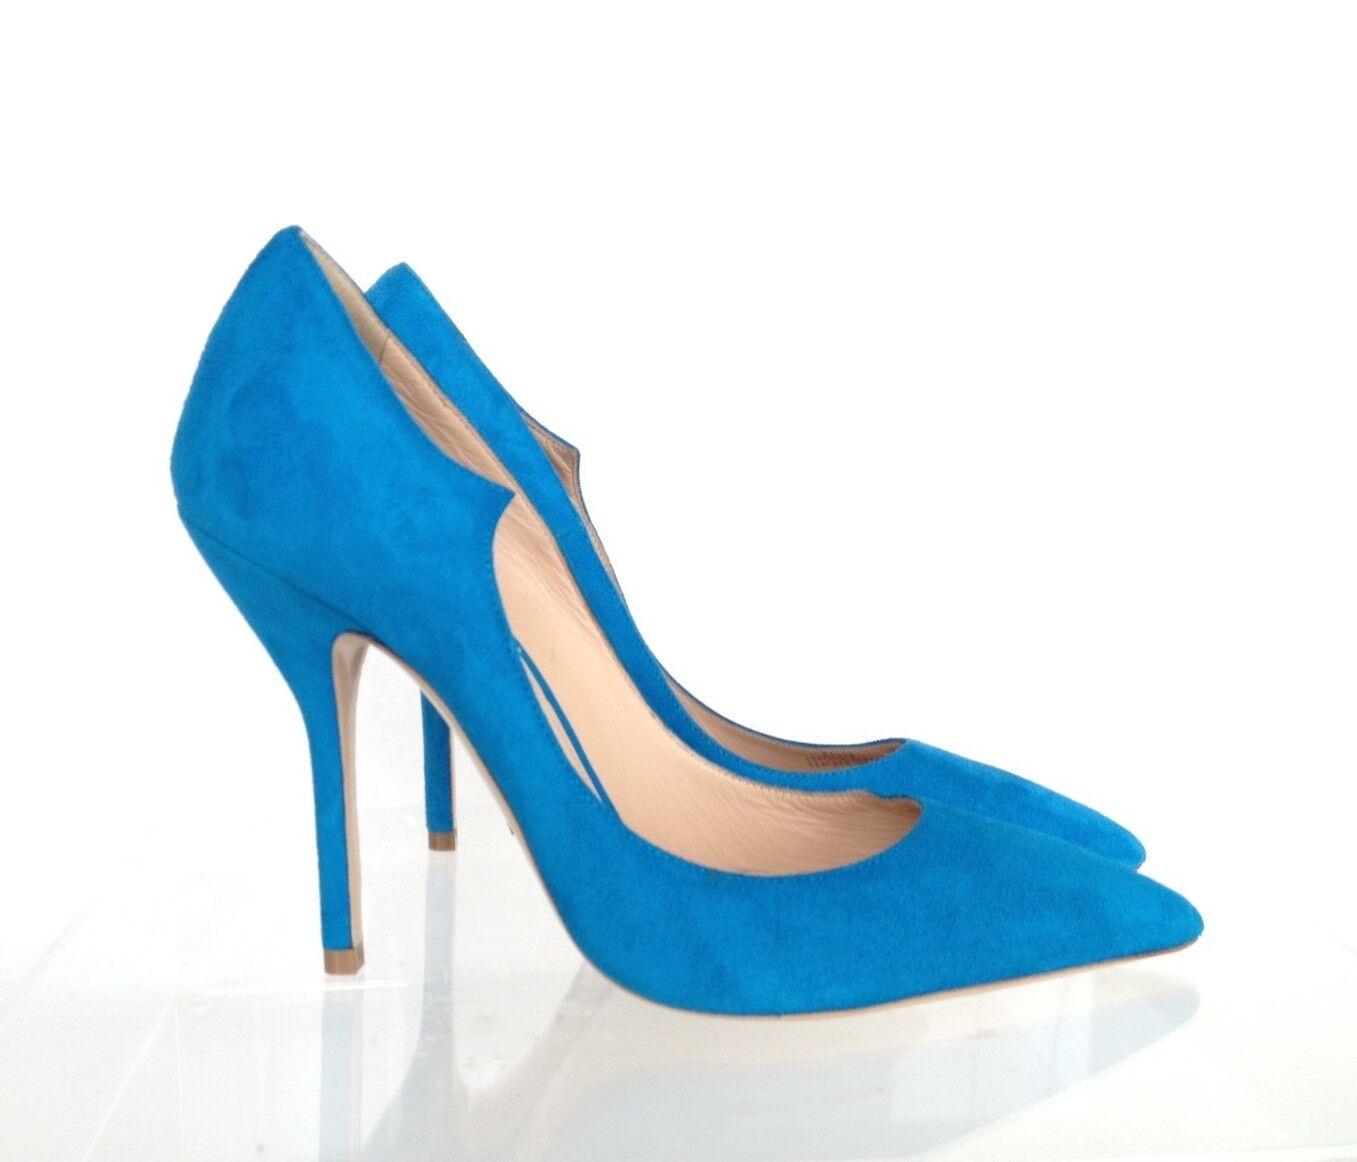 vendite online PAUL ANDREW for for for J.CREW Suede Pumps Sz 7 Vivid Cerulean blu e1326  398  negozio fa acquisti e vendite